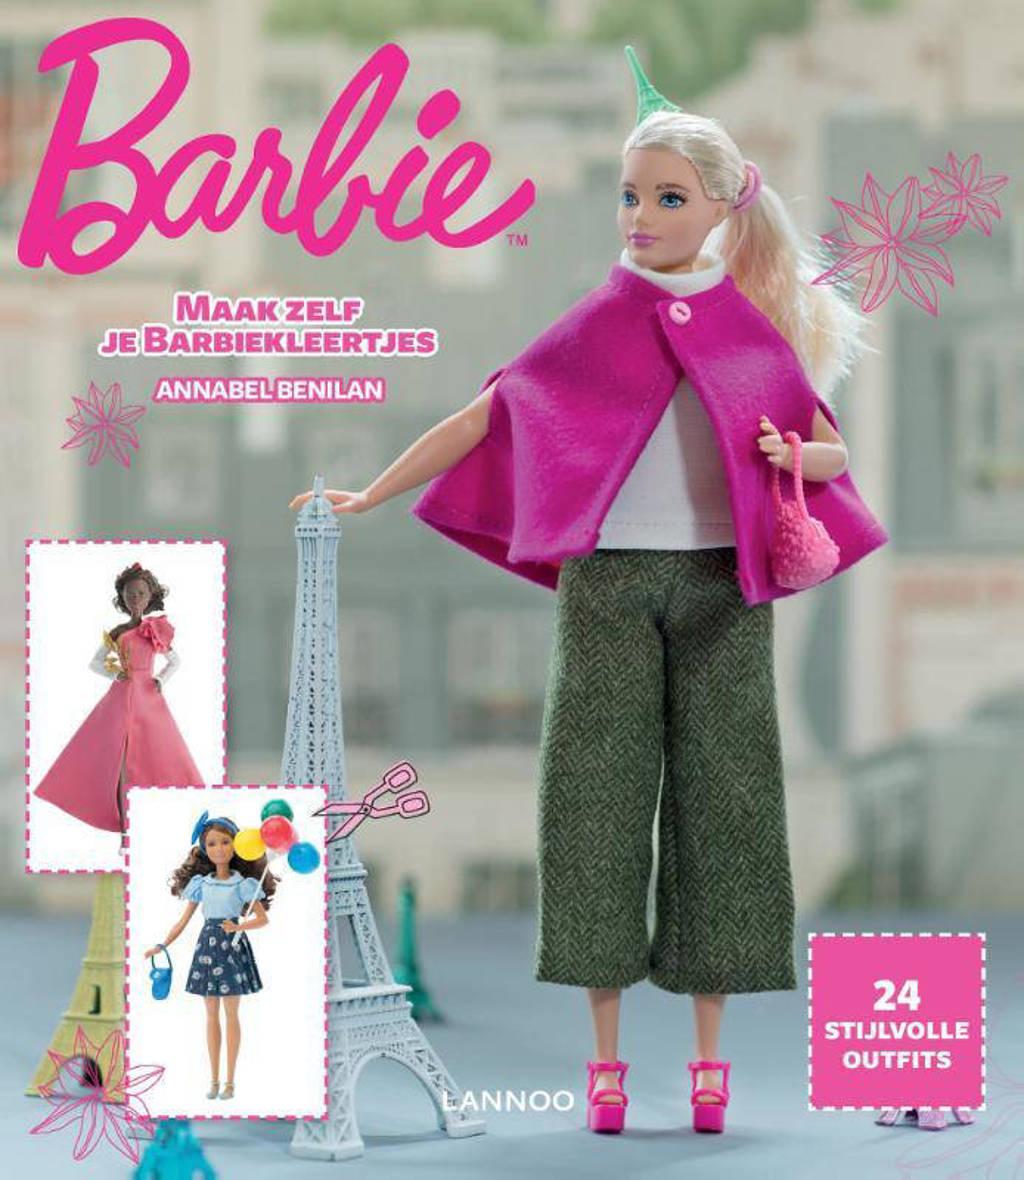 Maak zelf je Barbiekleertjes - Annabel Benilan